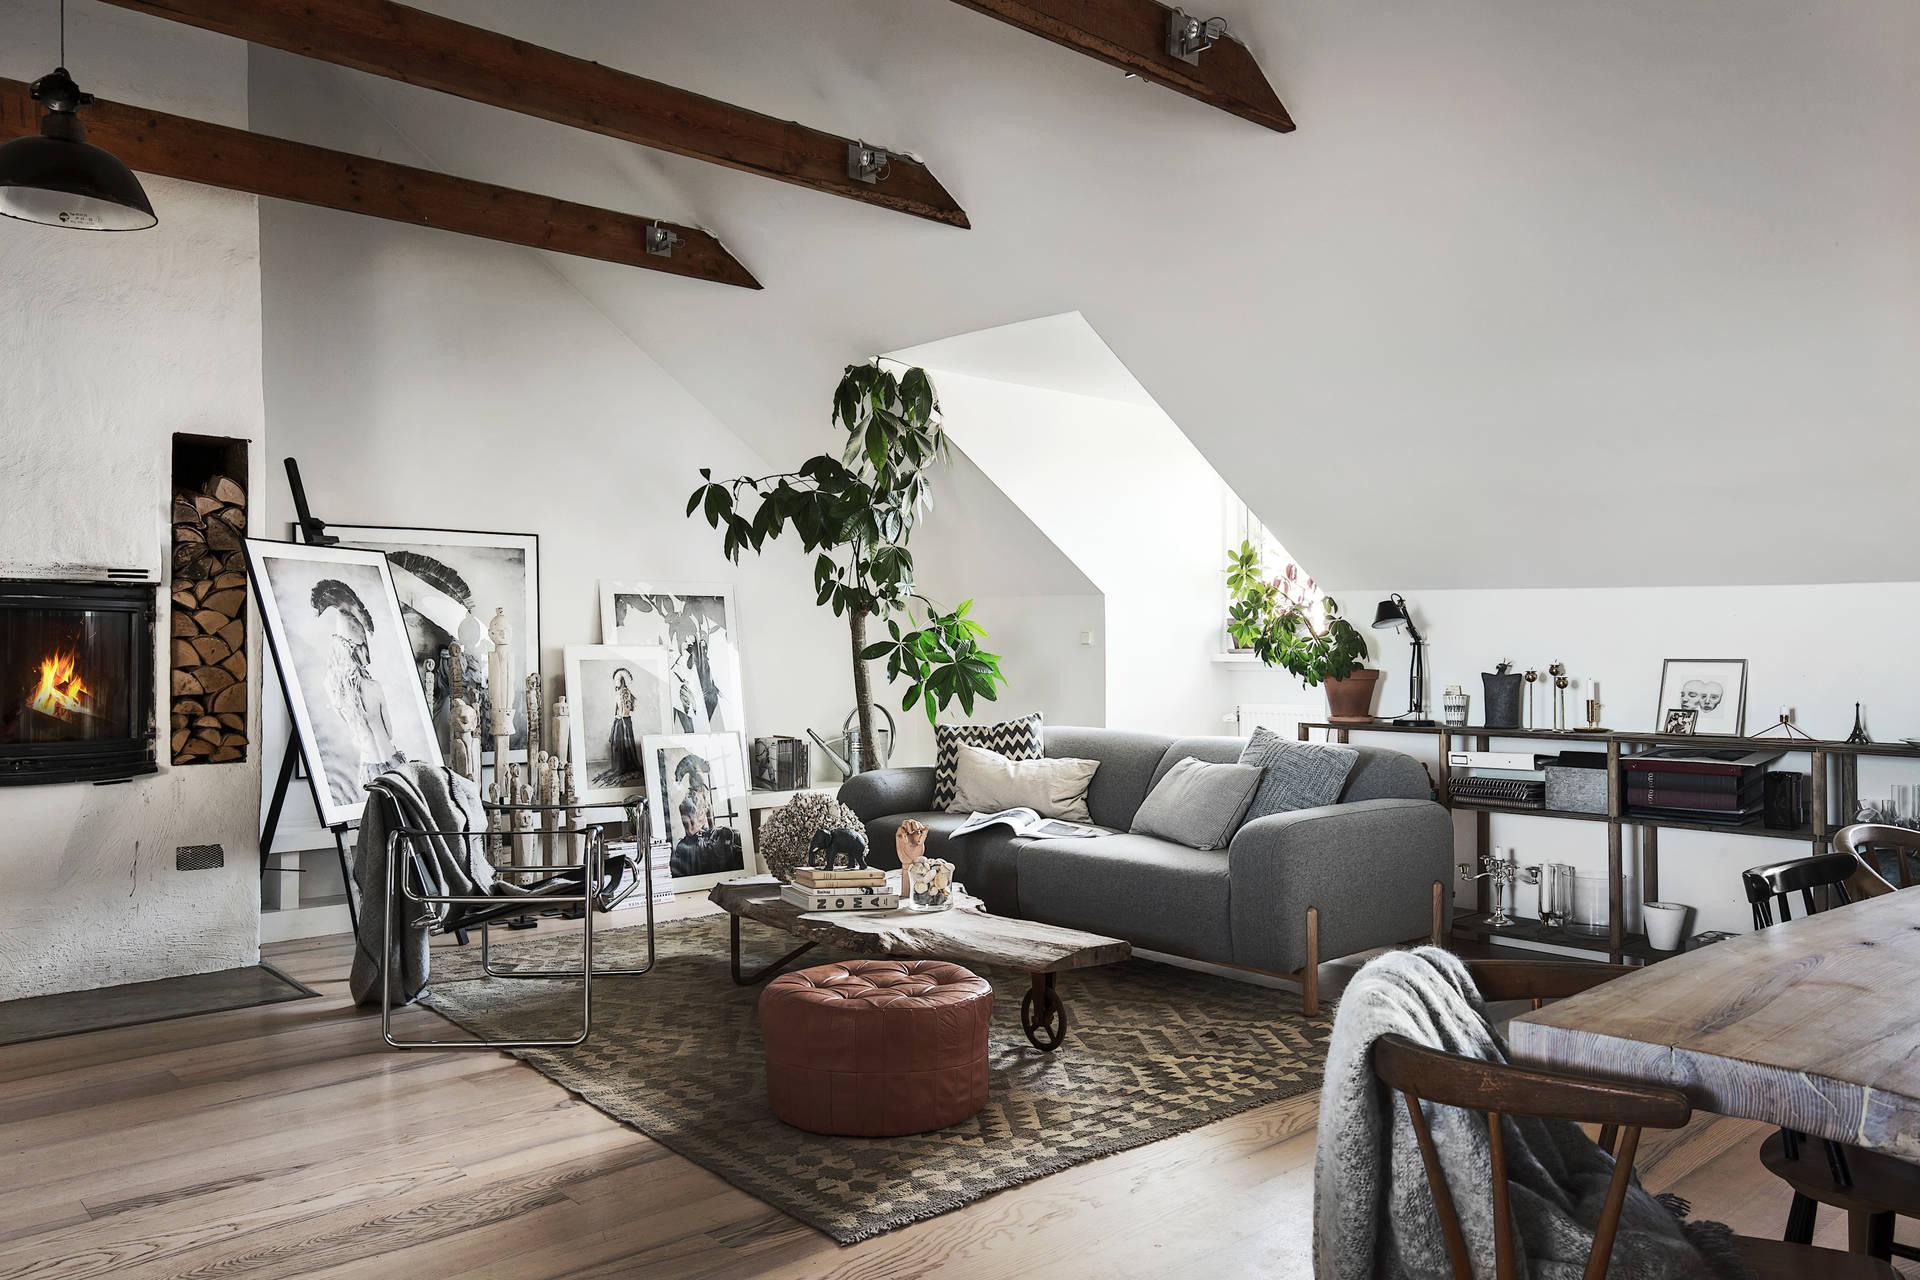 мансарда гостиная диван балки столик пуф цветы